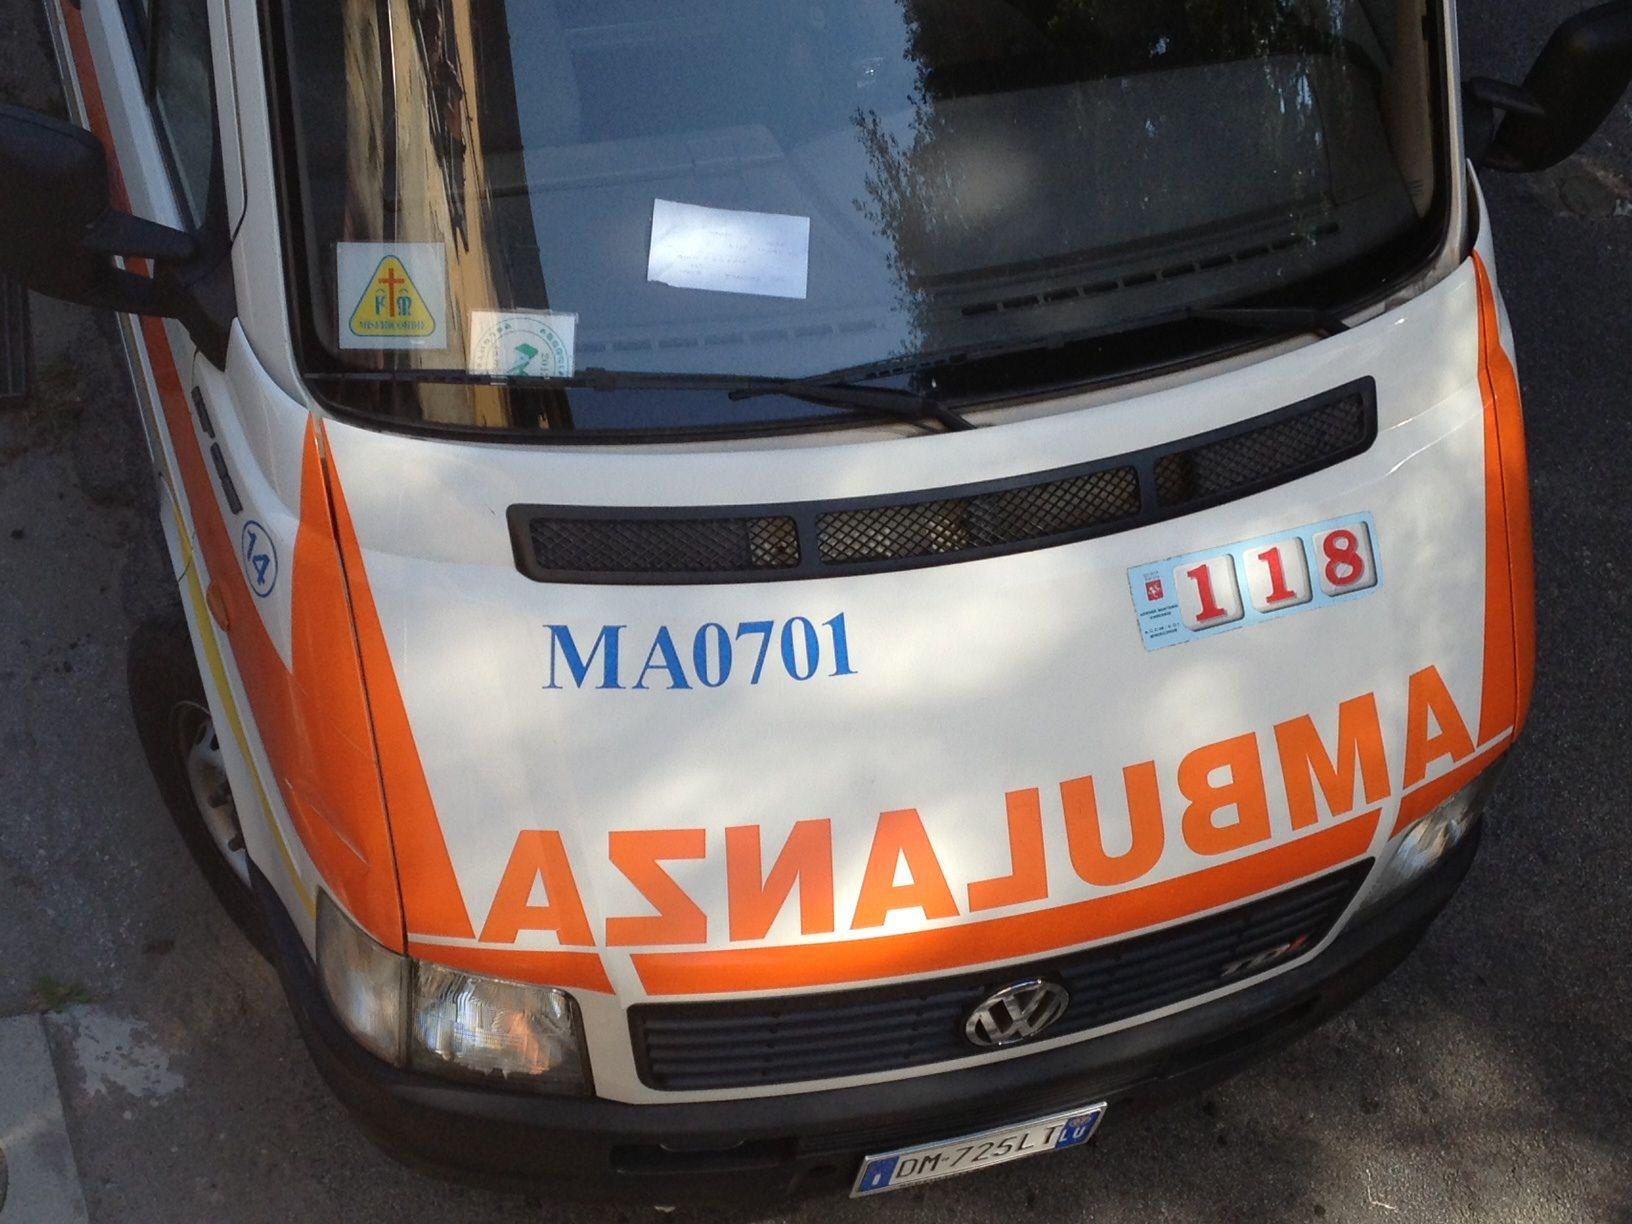 Rissa fra ragazzi, volontari prigionieri nell'ambulanza colpita a calci